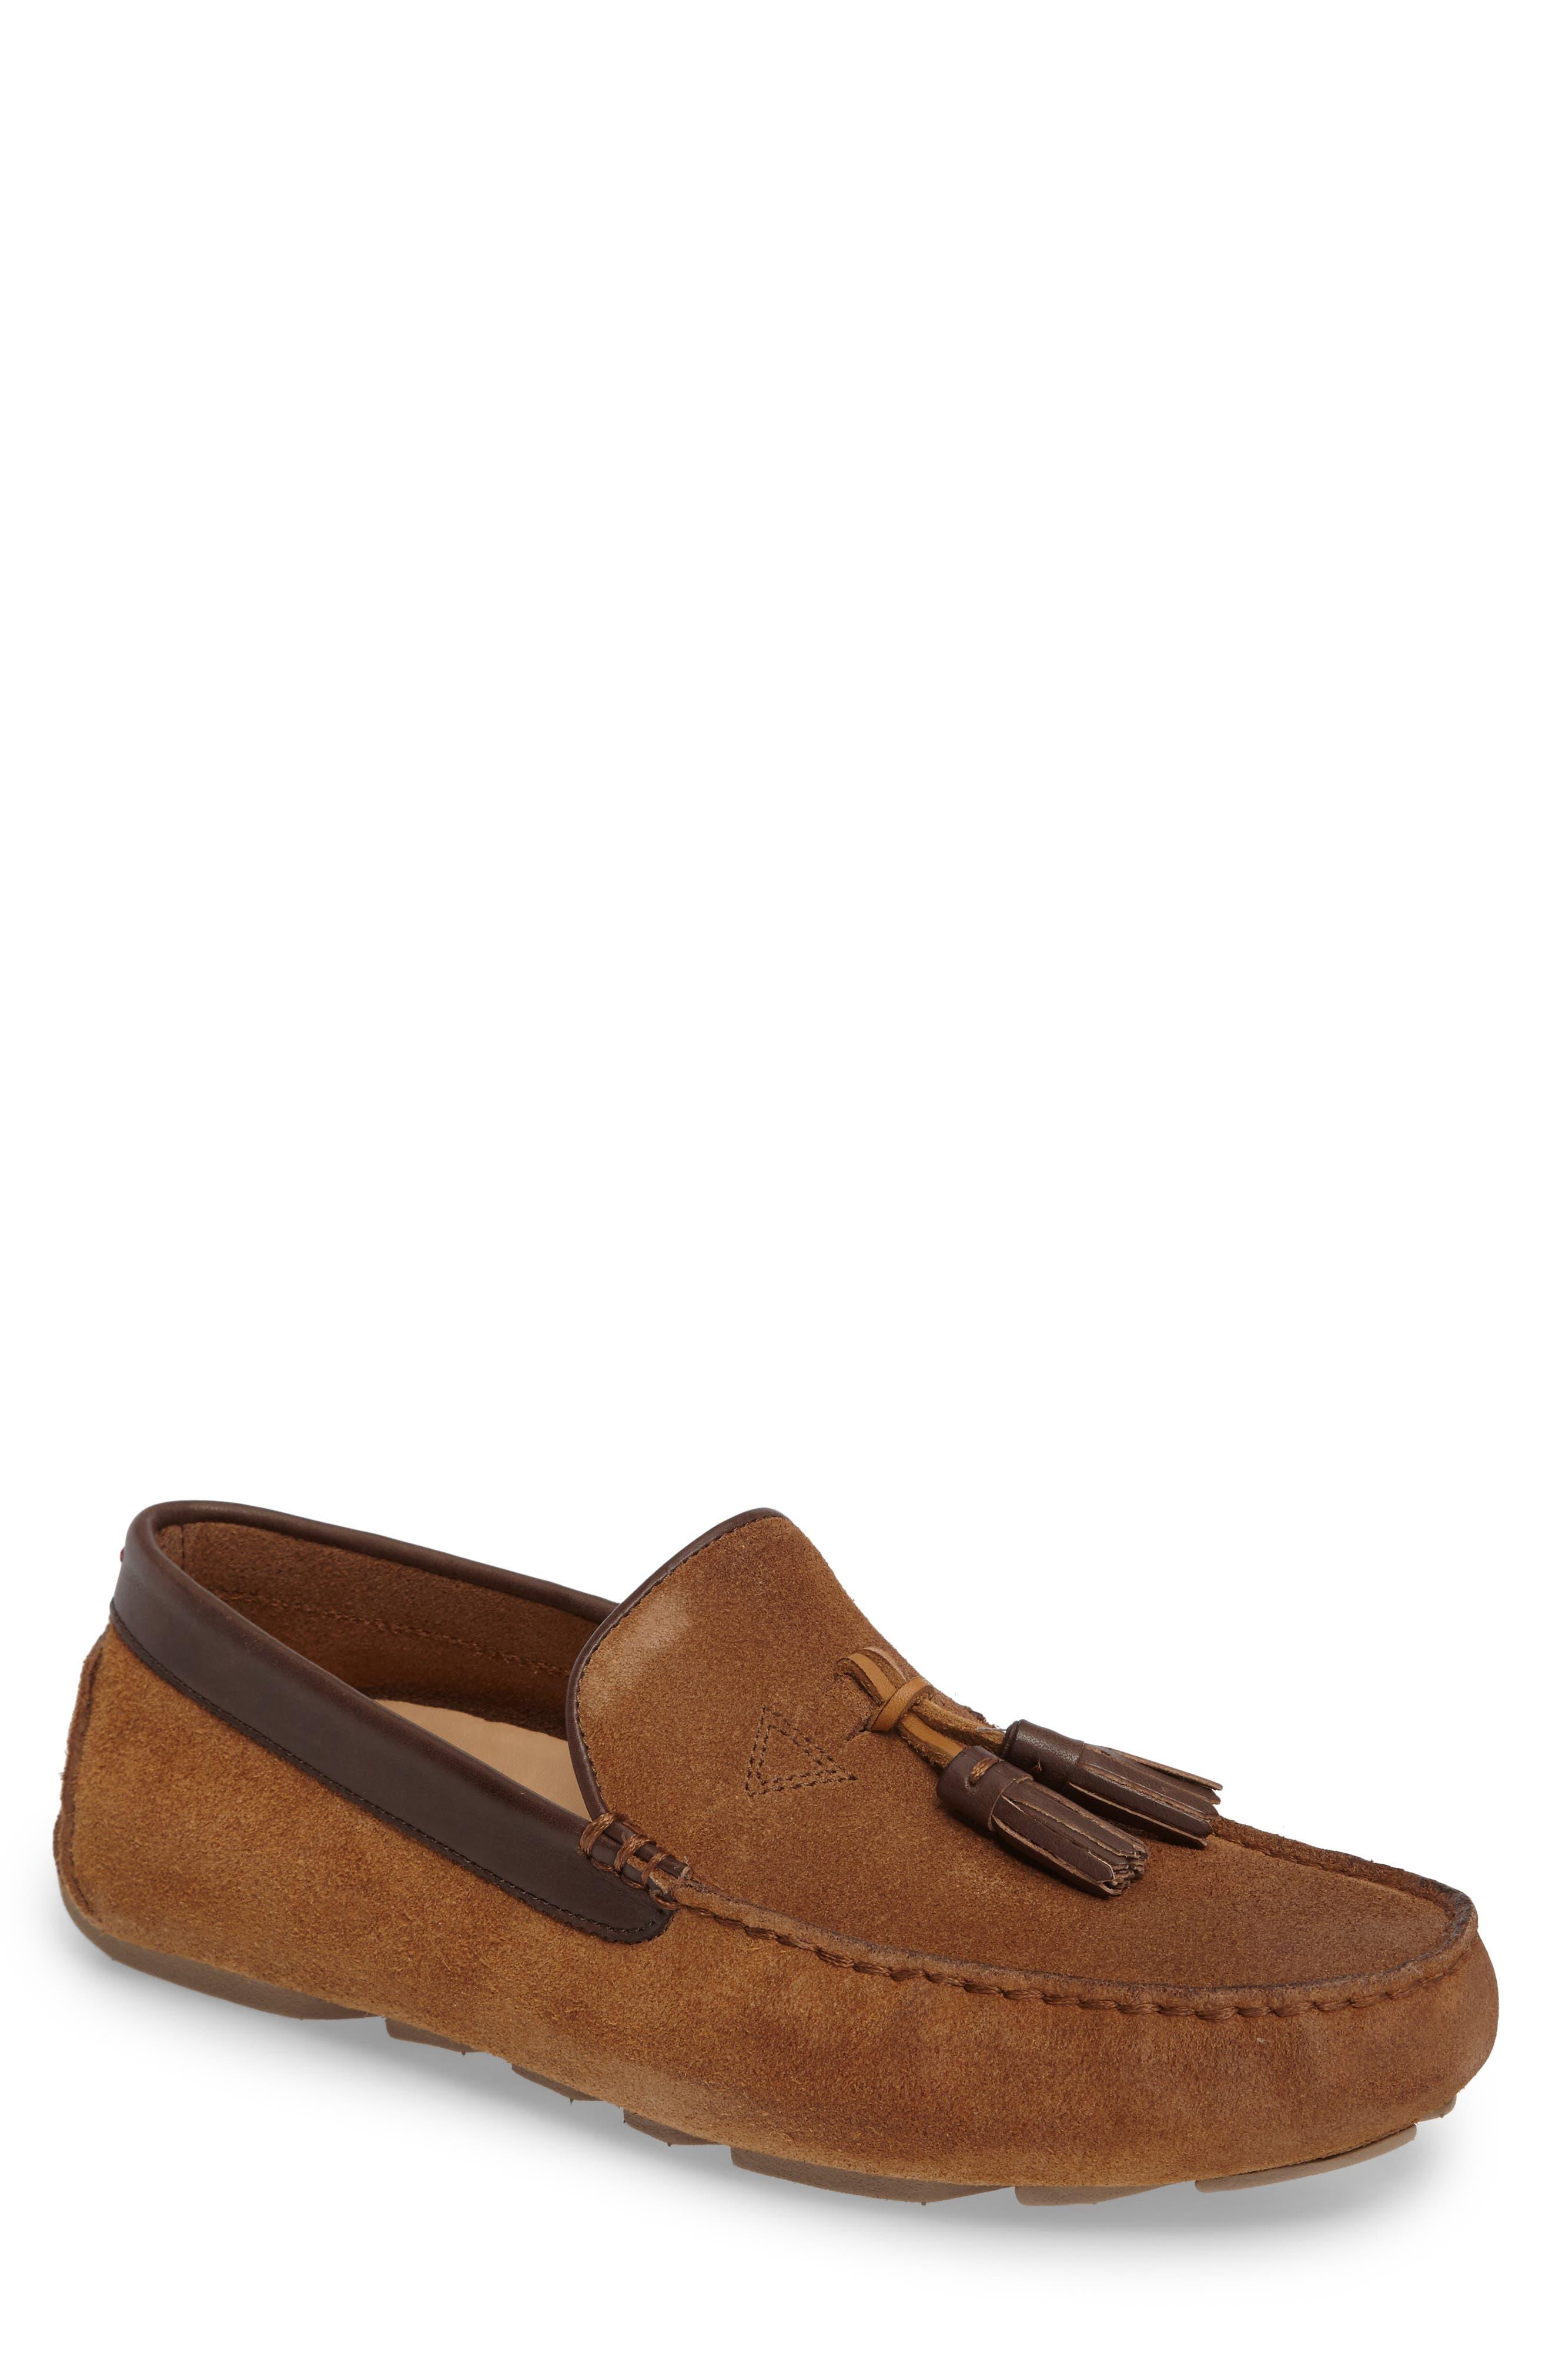 Marris Driving Shoe,                         Main,                         color, Chestnut